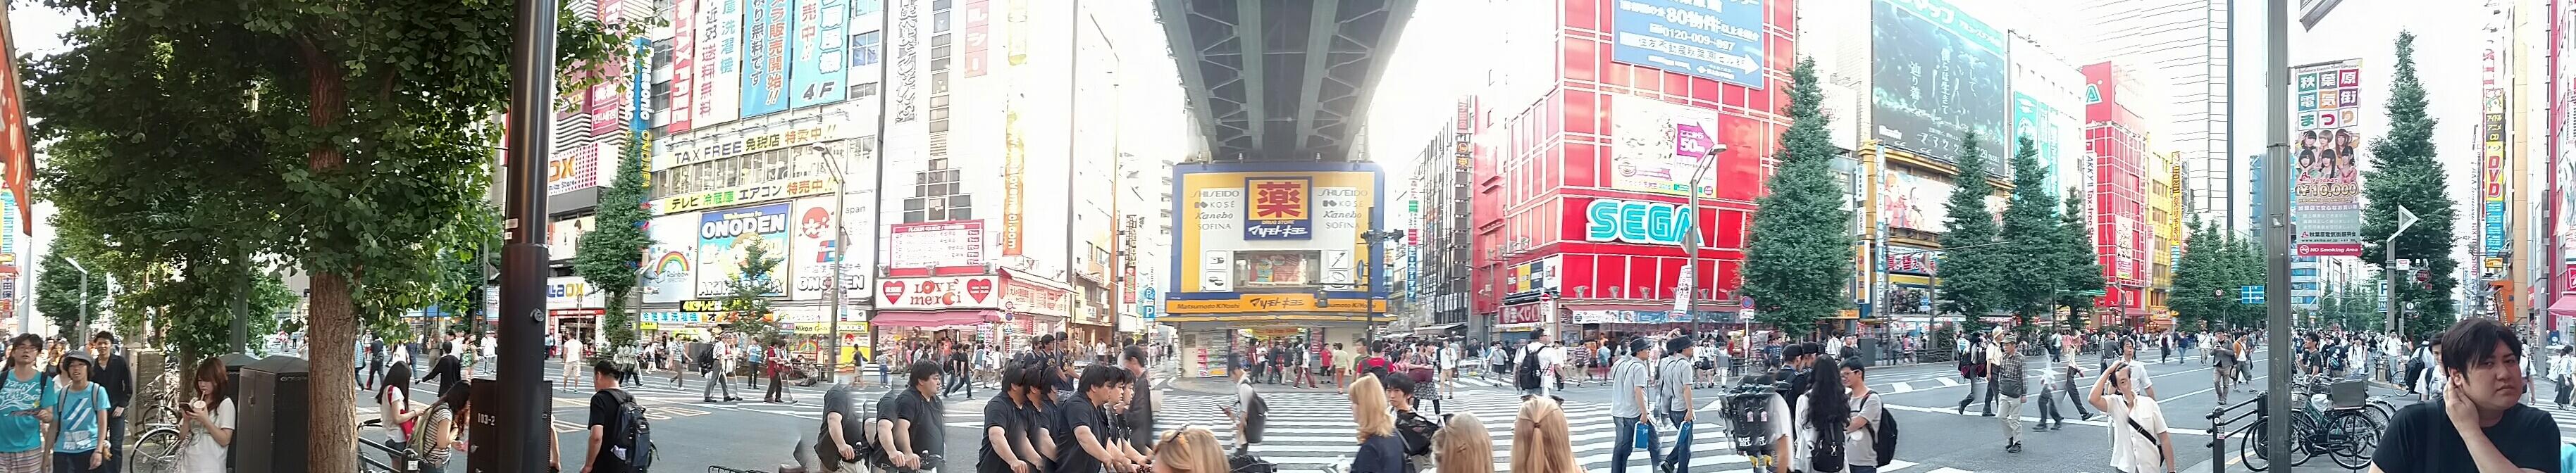 Akihabra/Electric Town